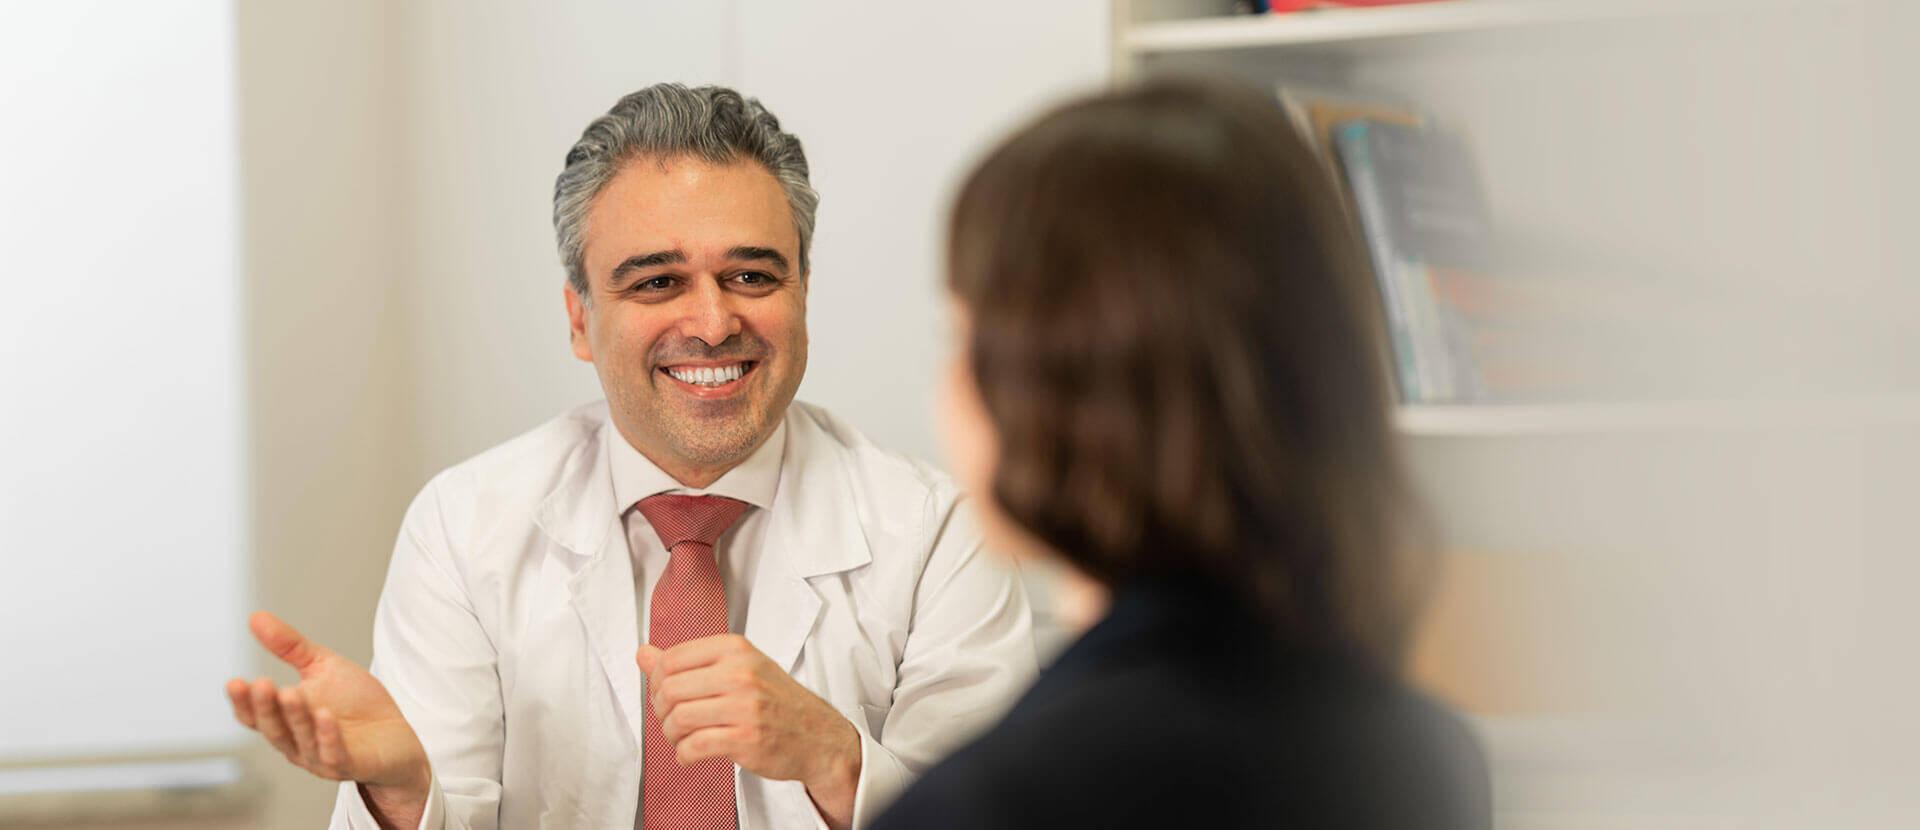 Dr. Fattahi im Gespräch mit Patientin